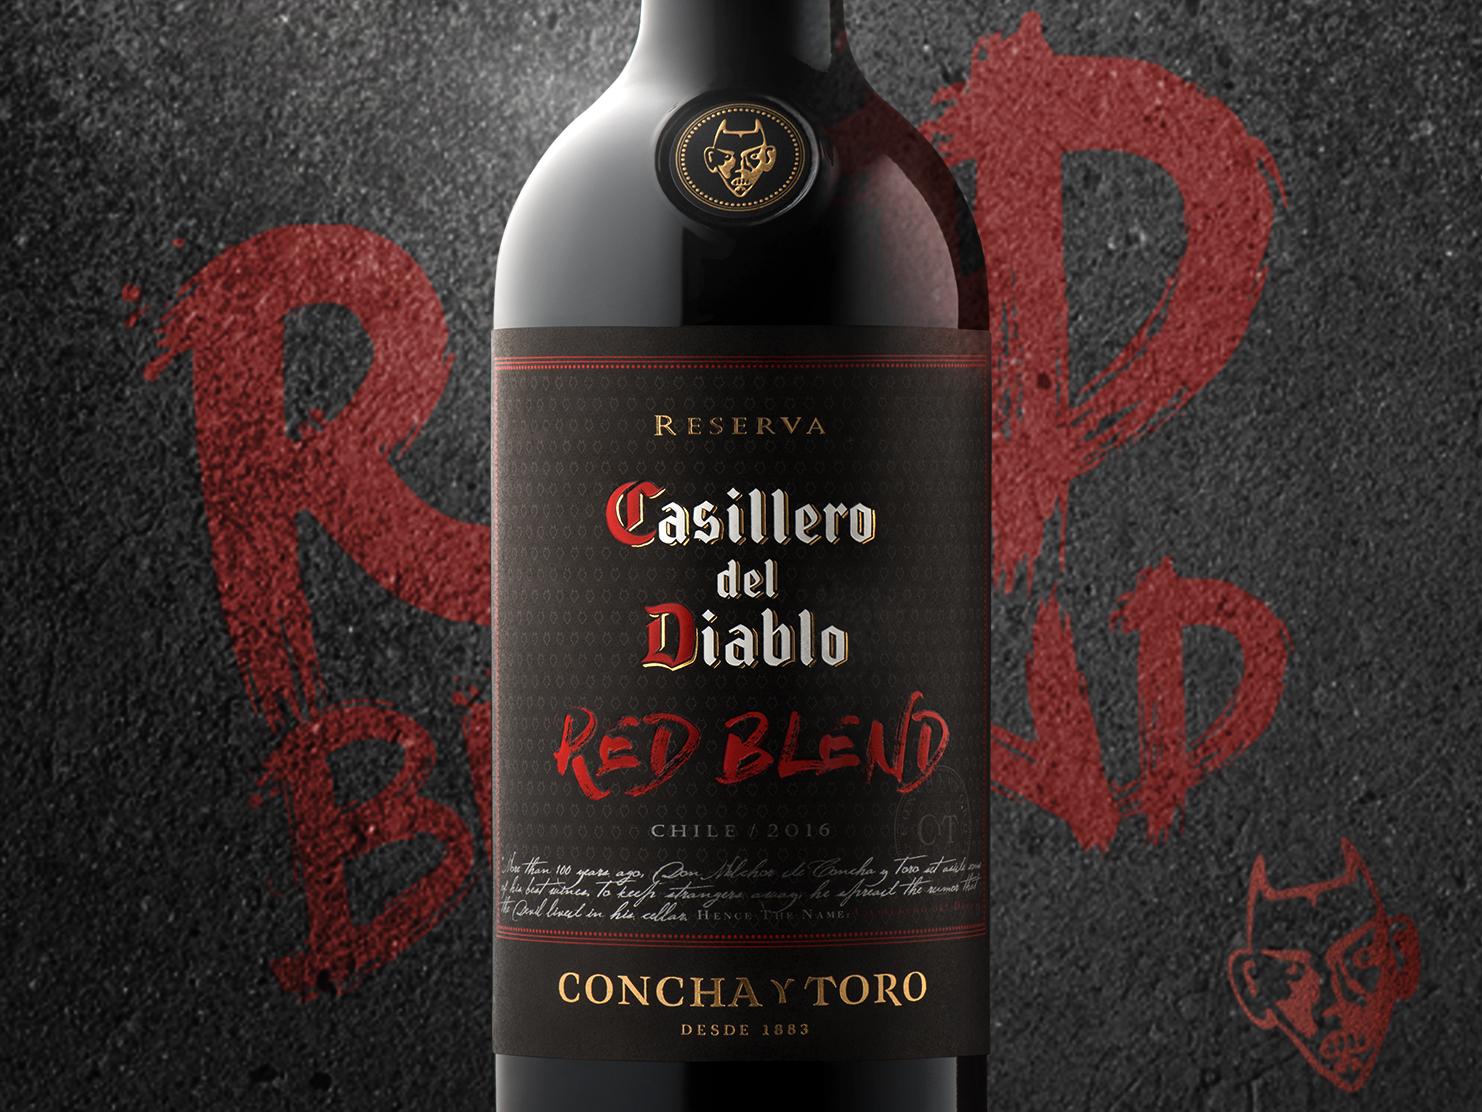 Casillero del Diablo 3